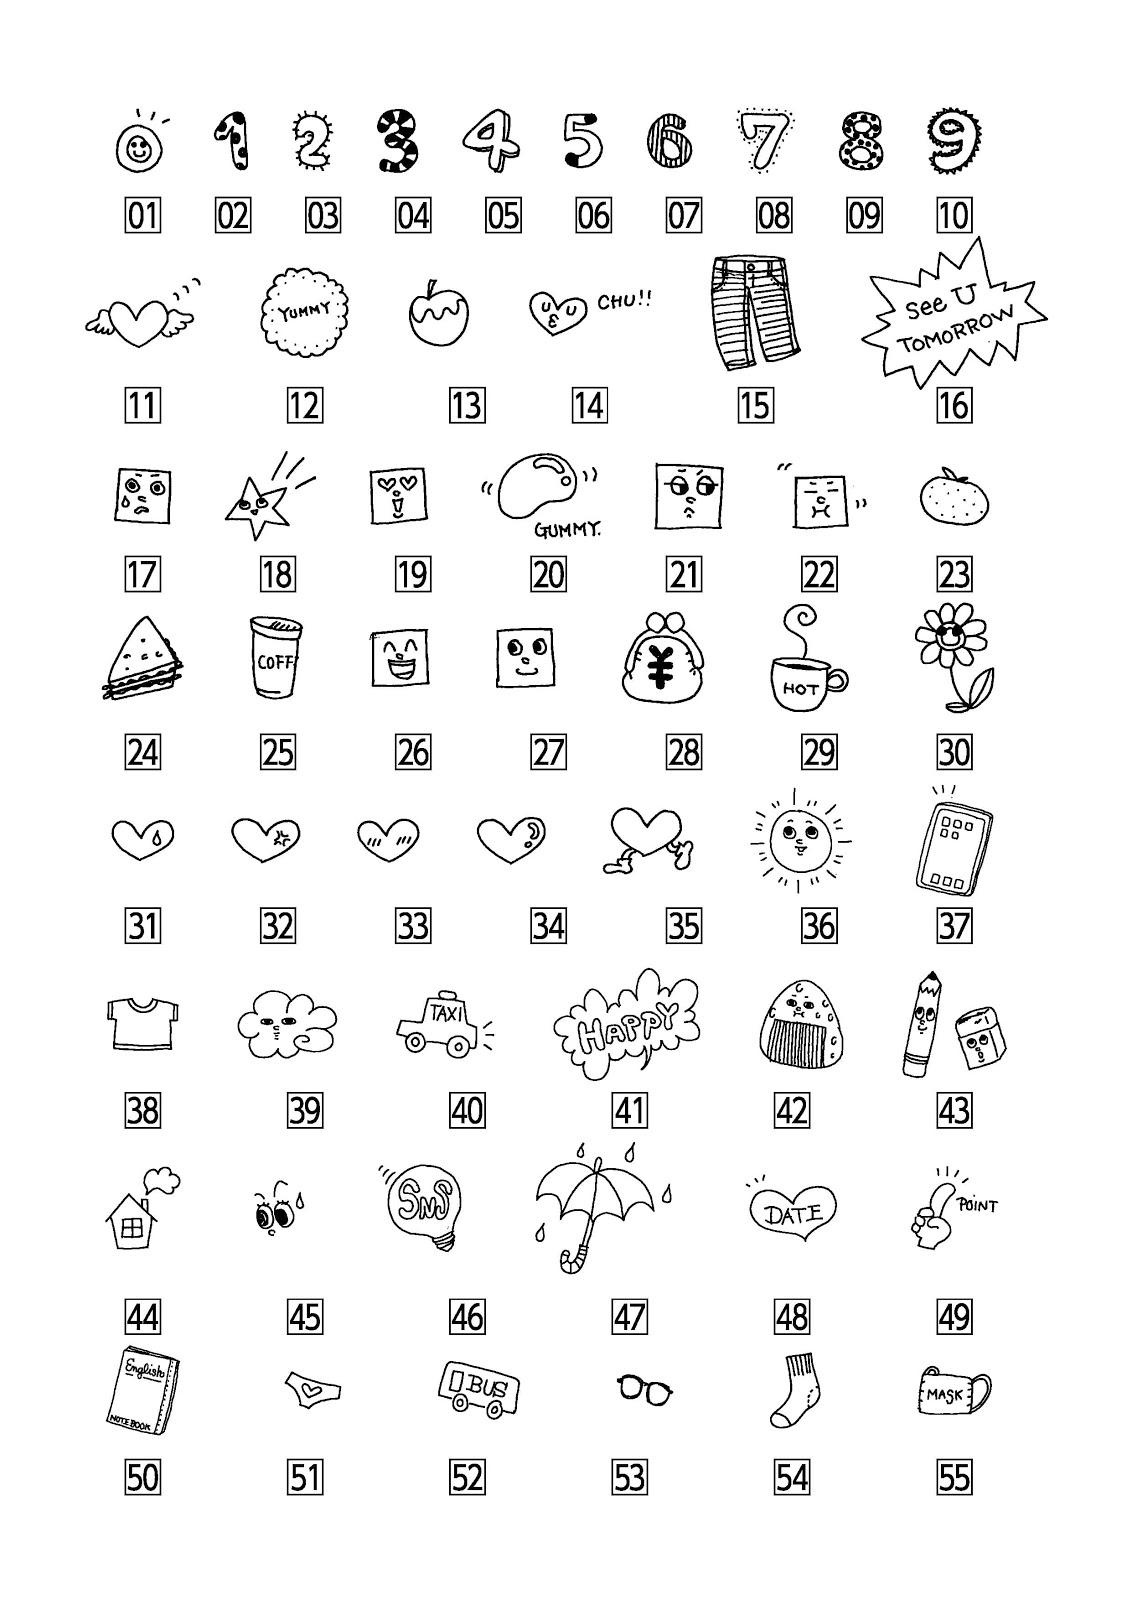 デコ文字とプチイラストの書き方見本と素材 - diy集客tips | 店頭販促pop